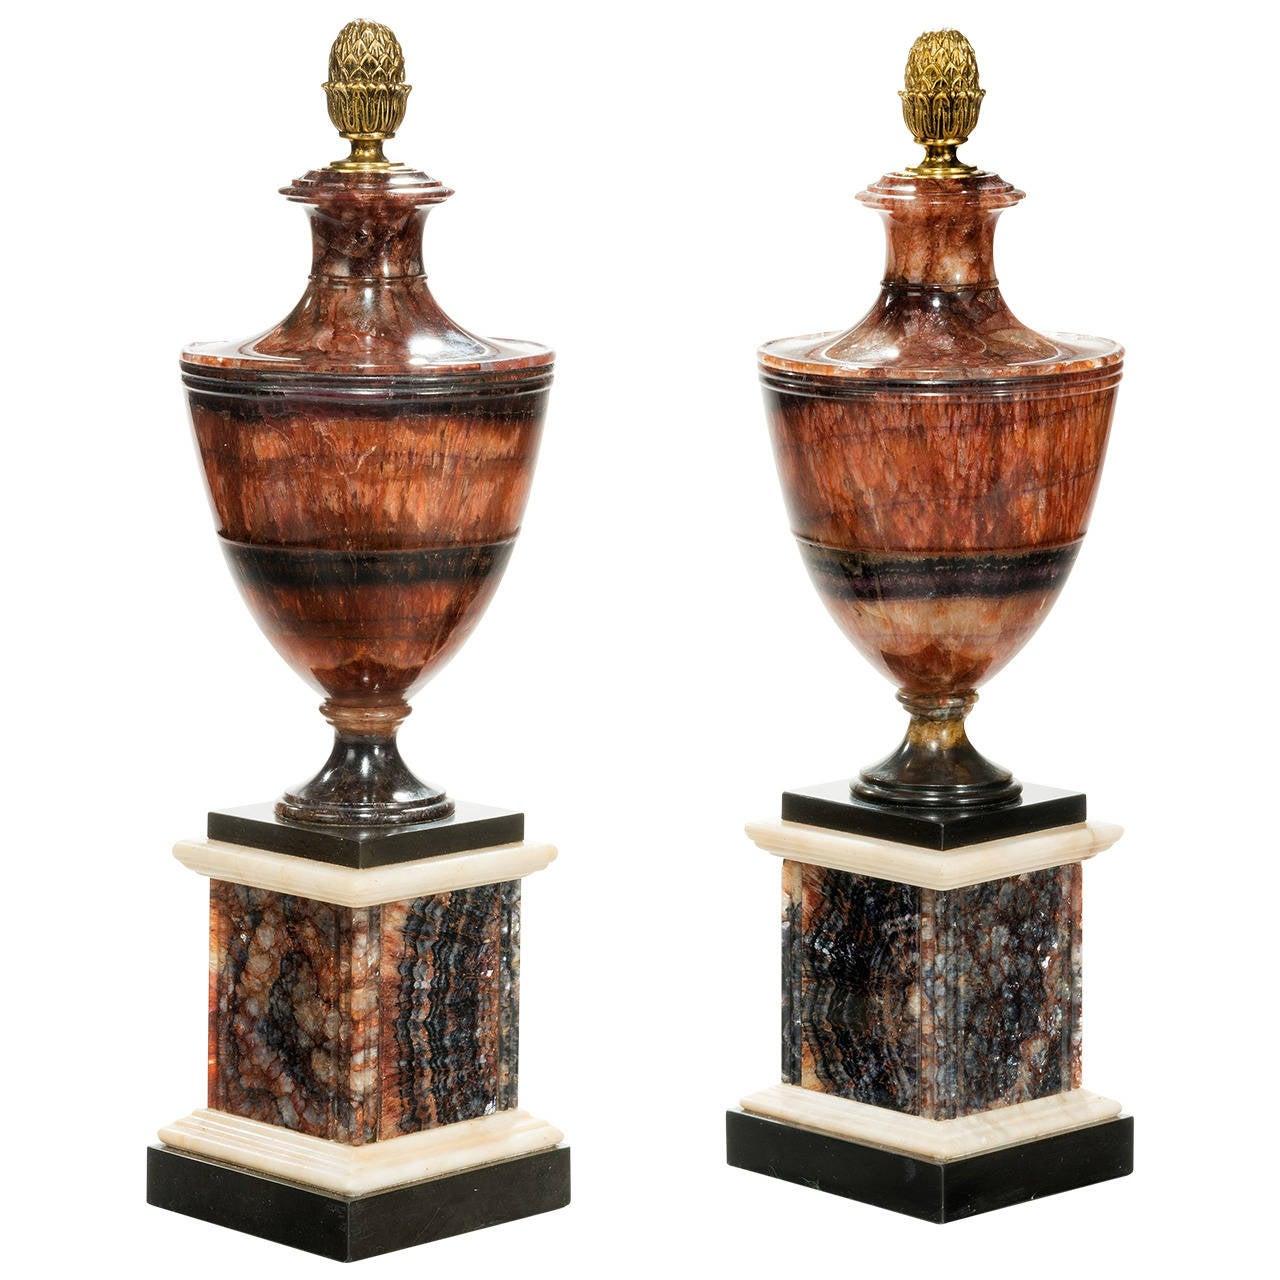 Antique blue john urns for sale at 1stdibs - Large decorative vases and urns ...